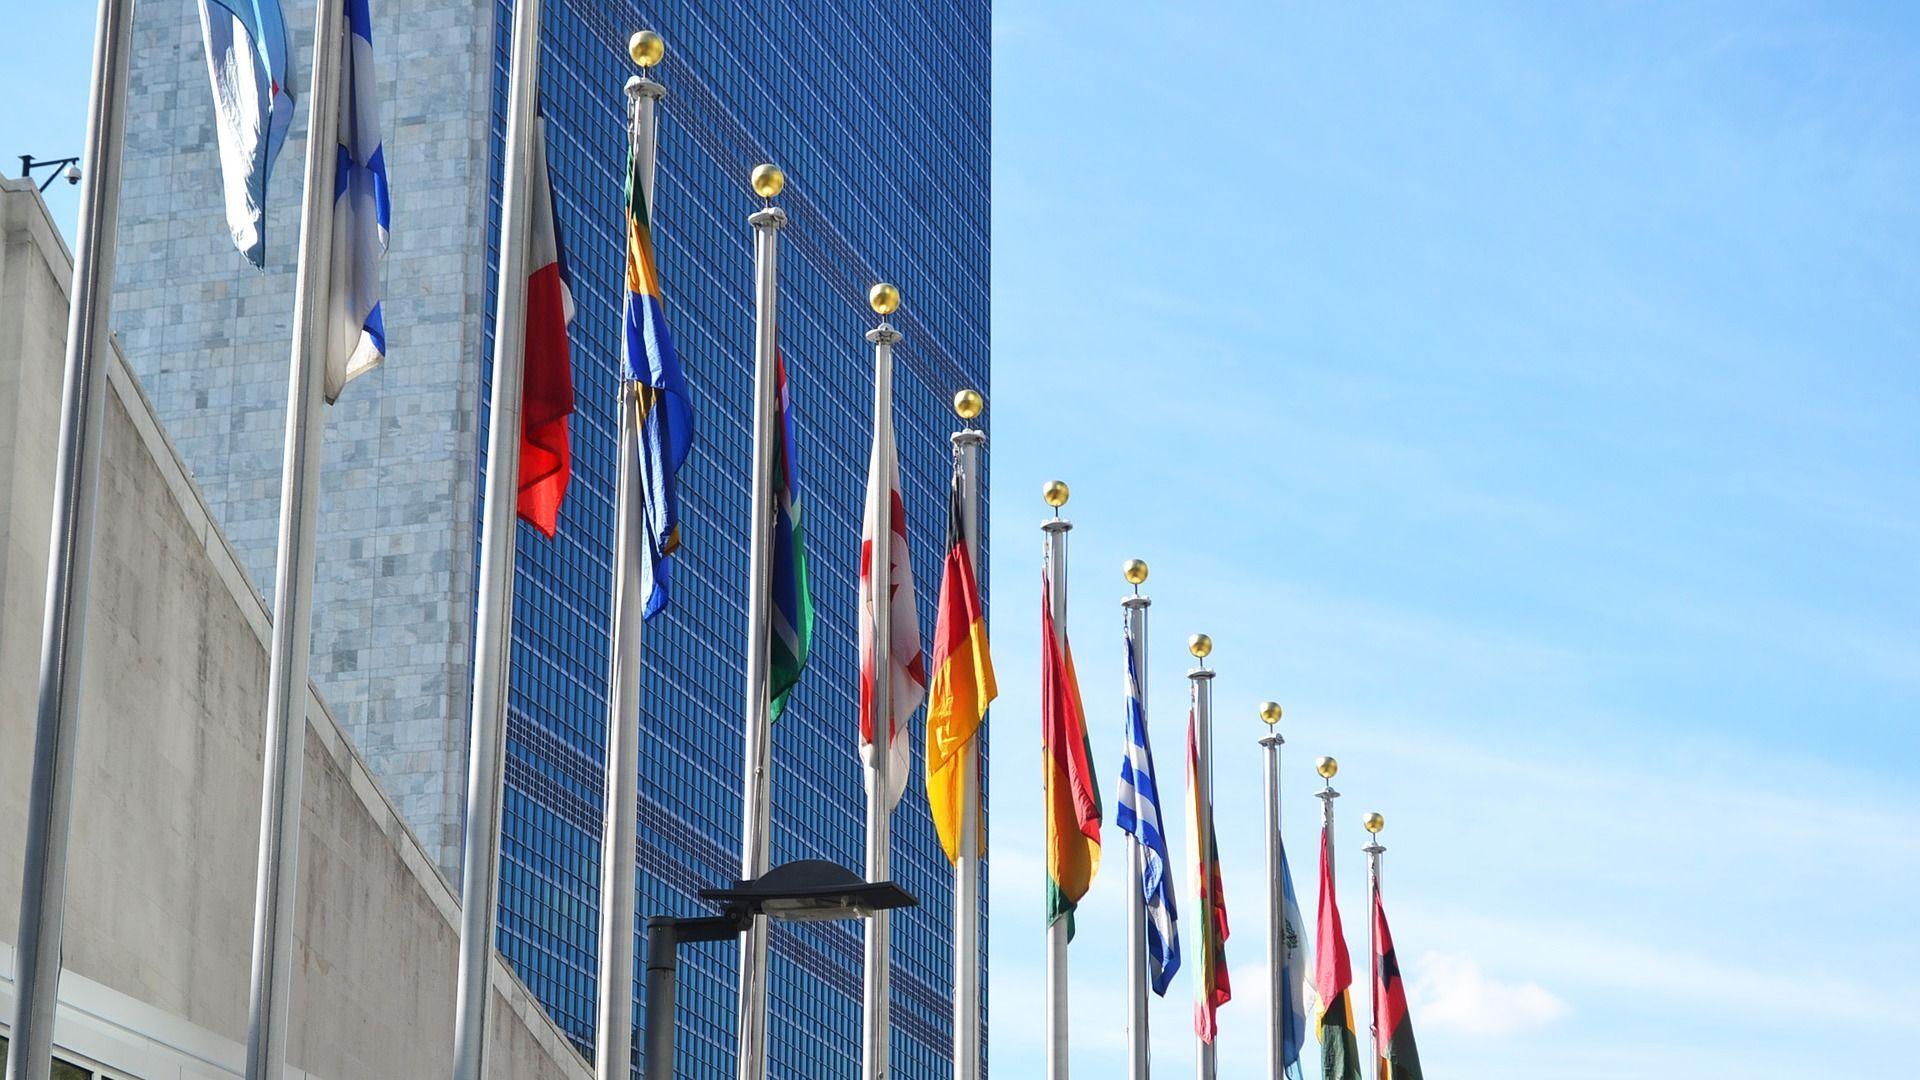 La sede de la ONU en Nueva York - Sputnik Mundo, 1920, 12.03.2021